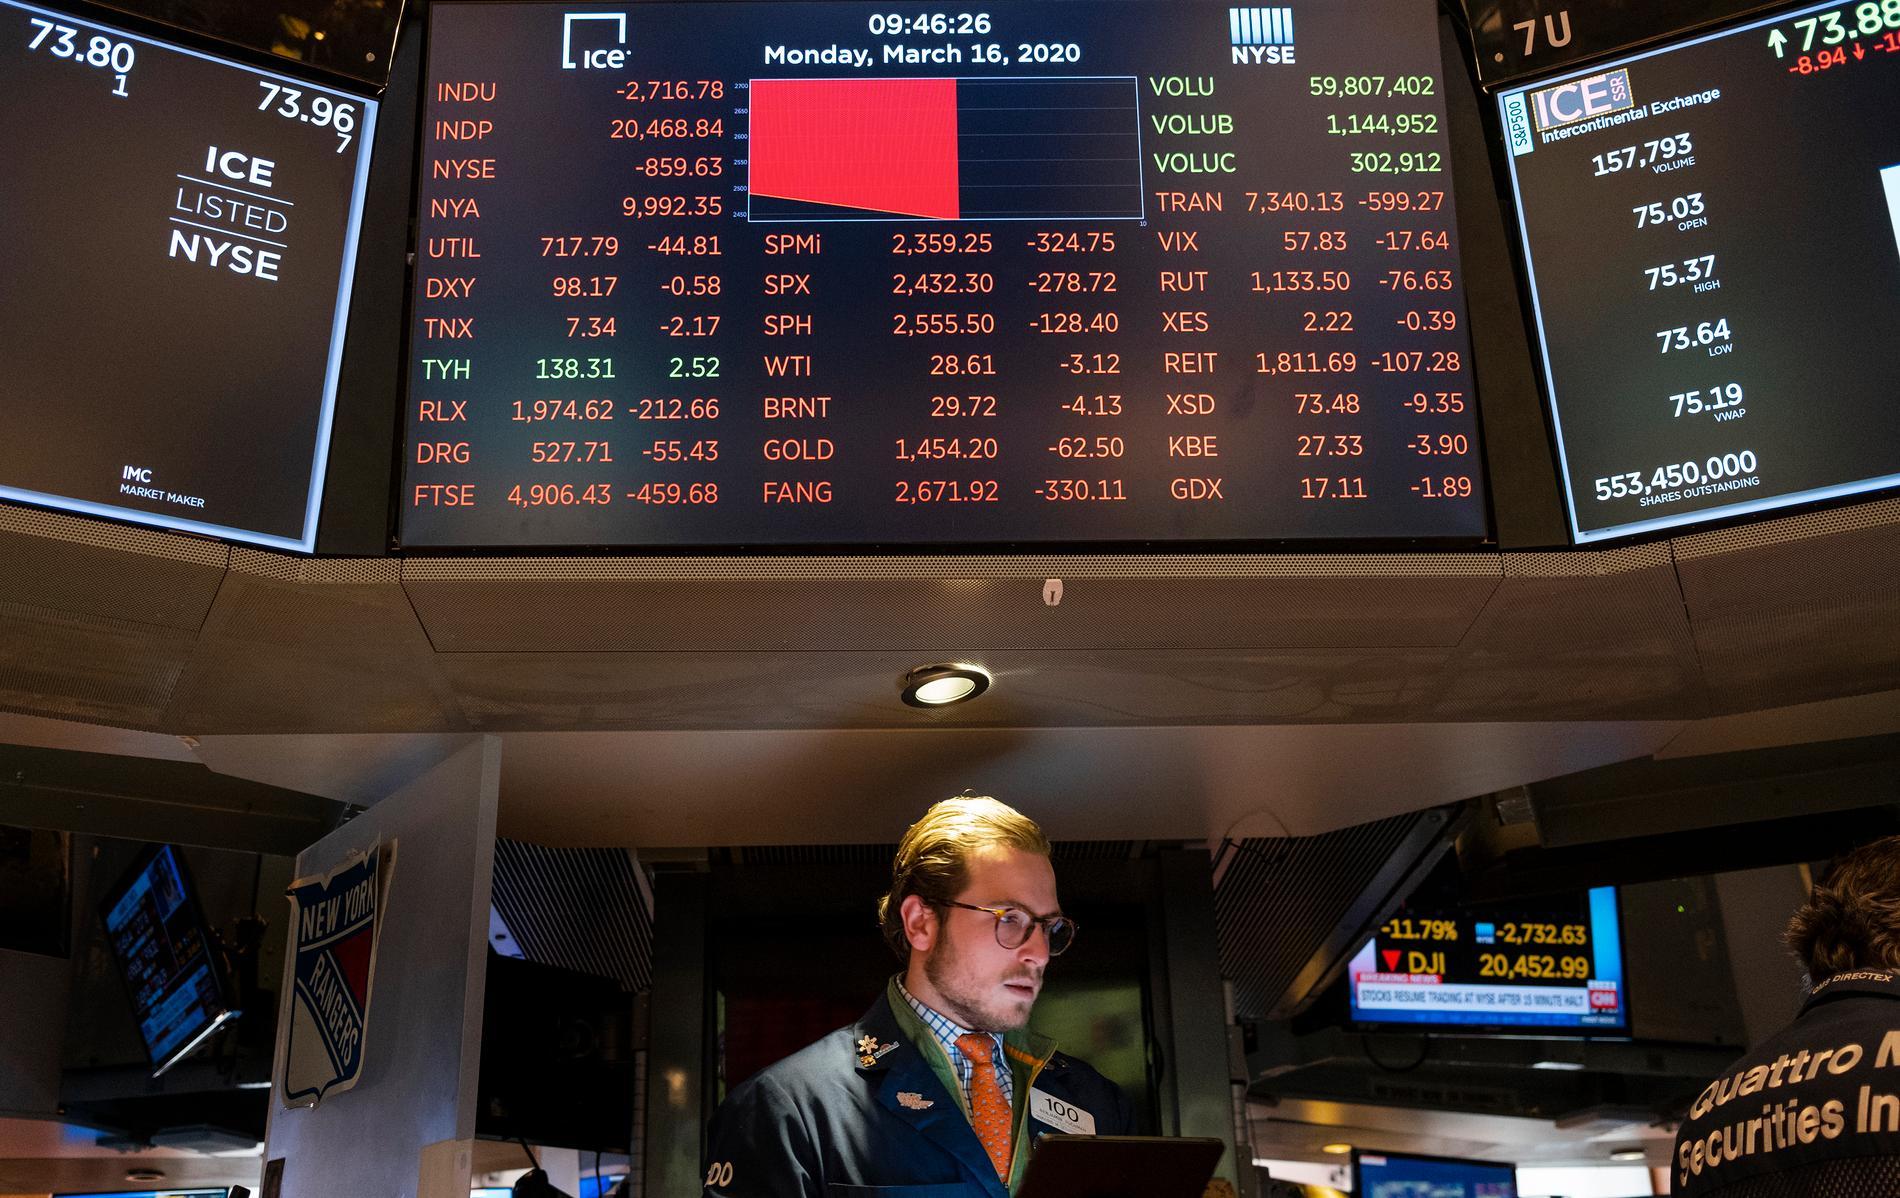 Börsmäklaren Benjamin Tuchman på New York-börsen måndagen den 16 mars 2020.